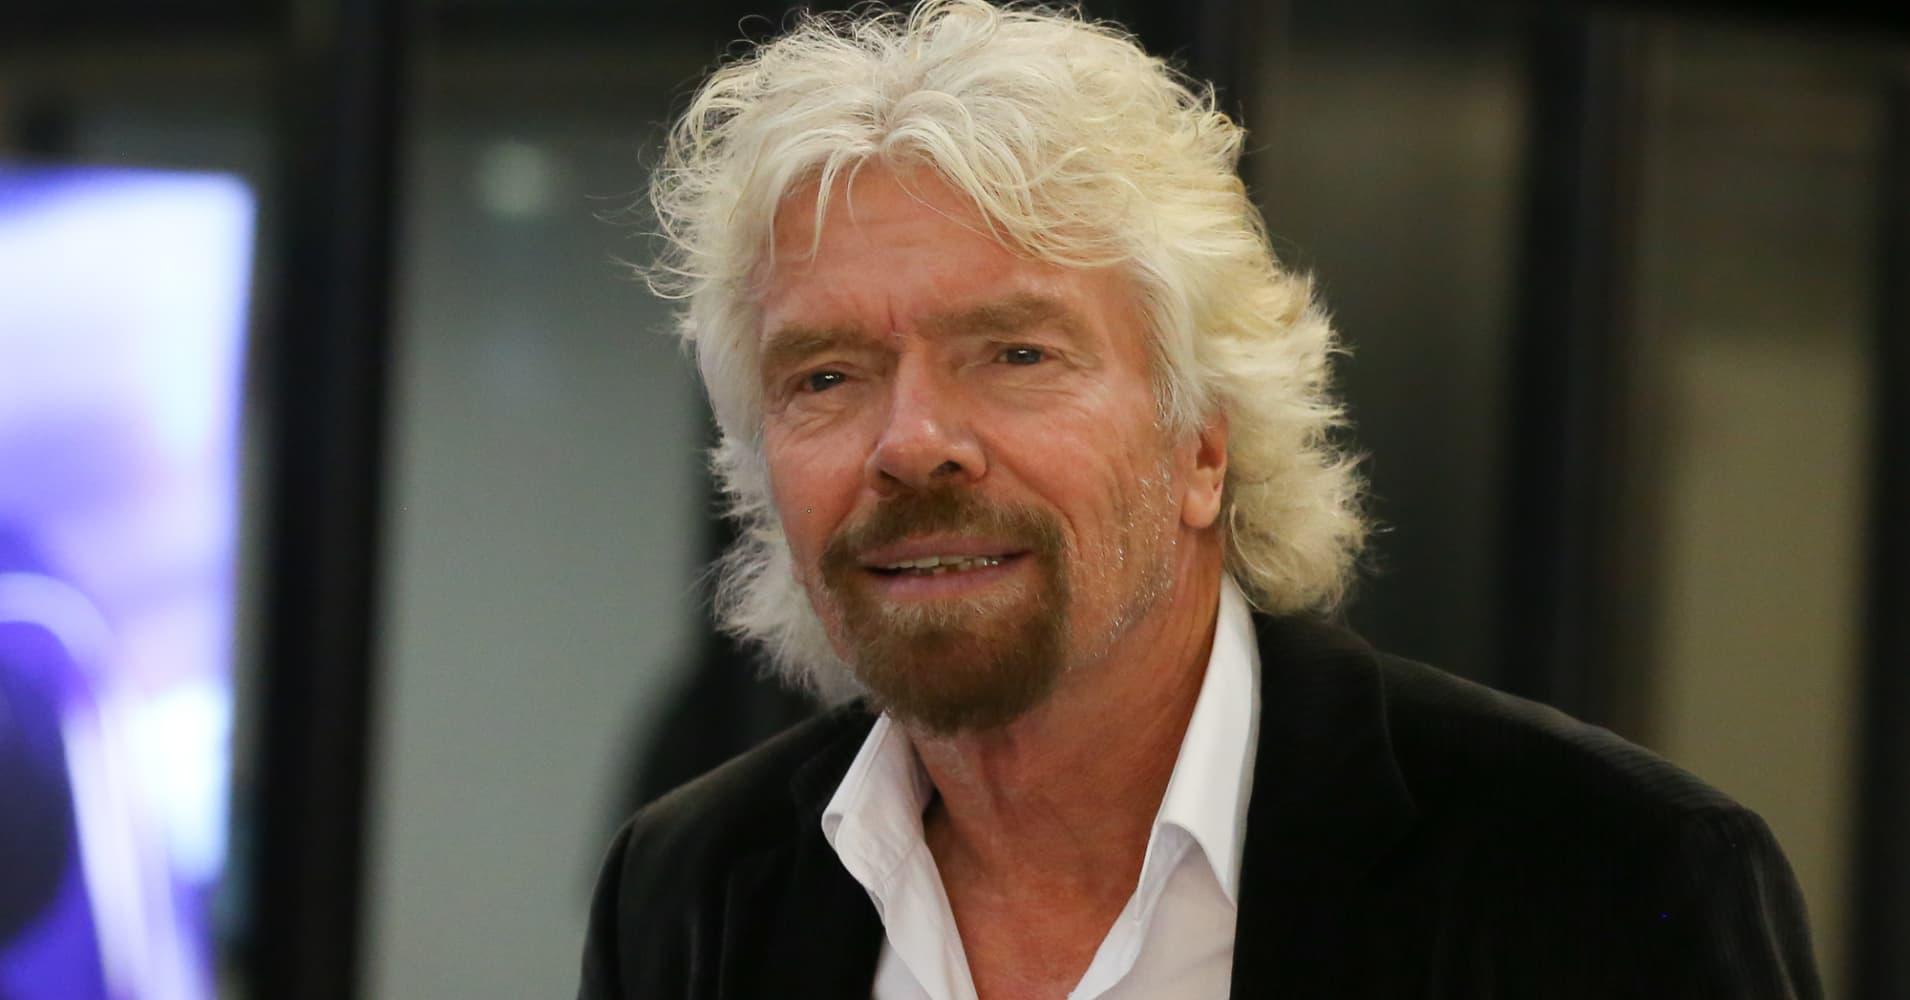 Richard Branson Biography Pdf